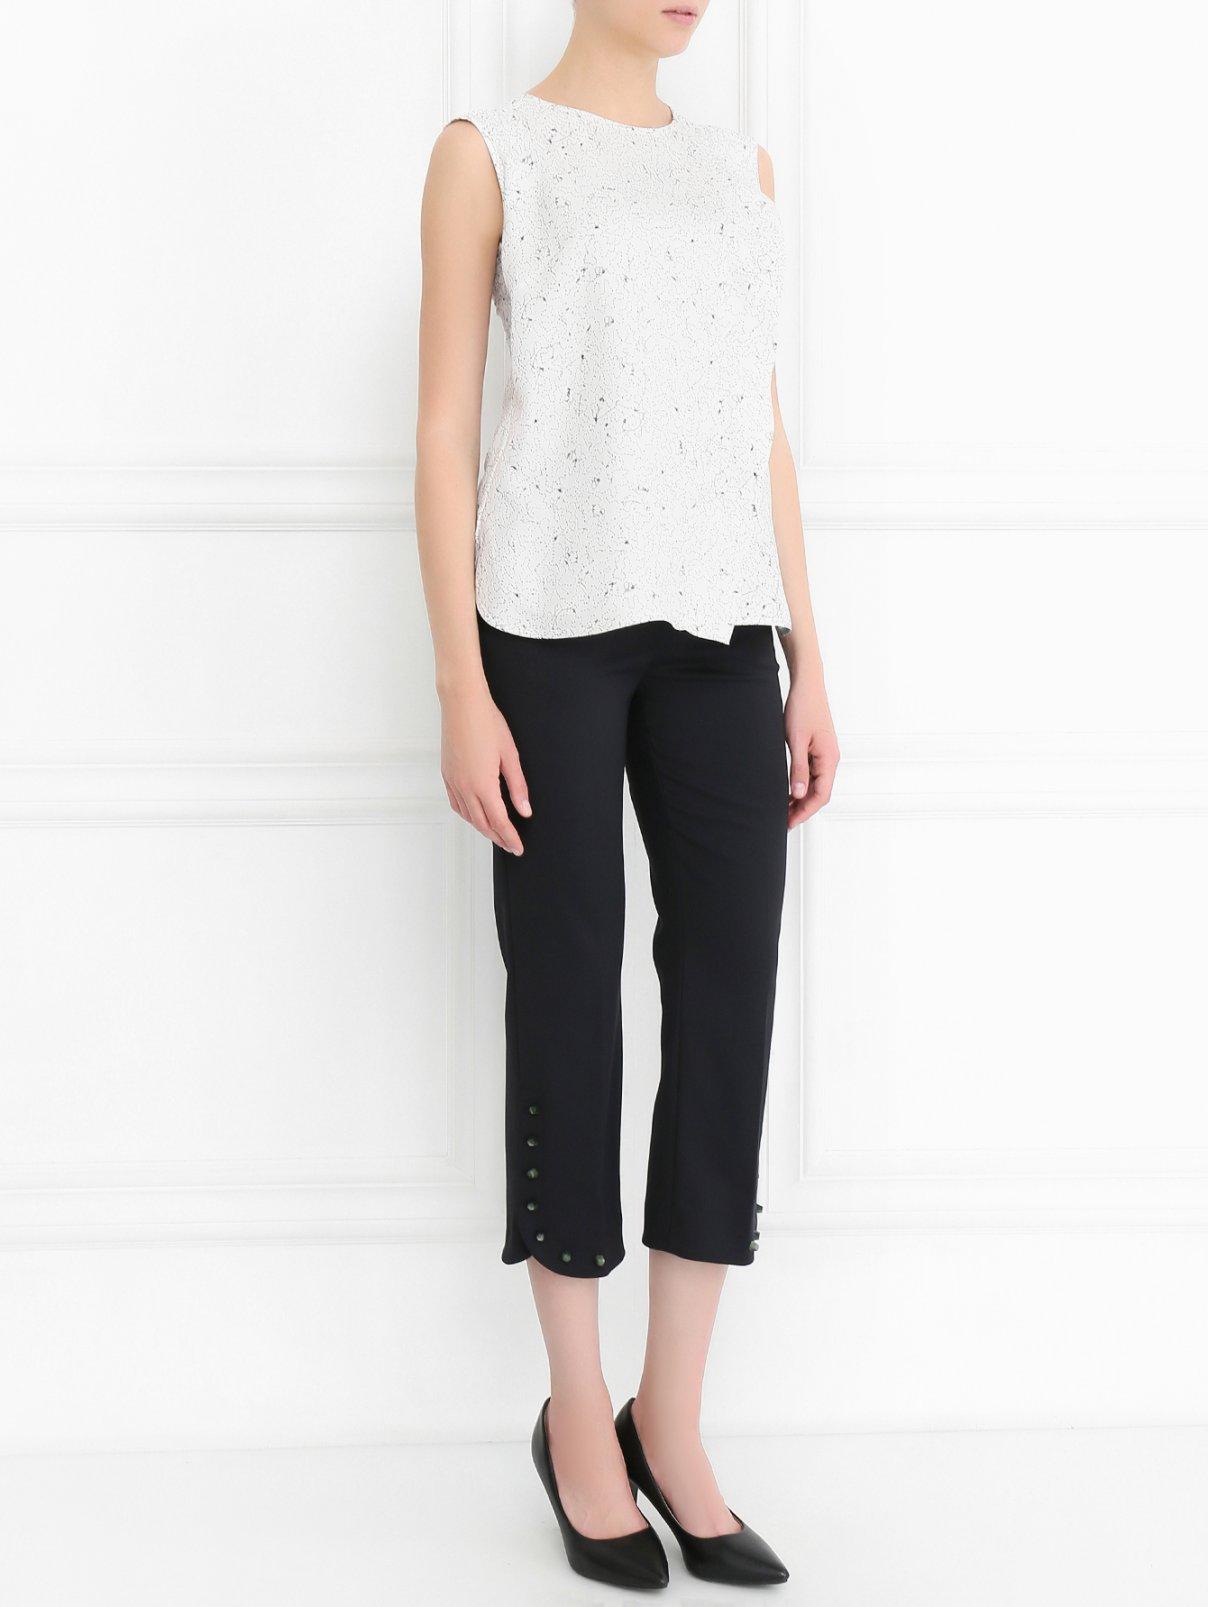 Укороченные брюки прямого кроя с контрастным декором Sportmax  –  Модель Общий вид  – Цвет:  Черный